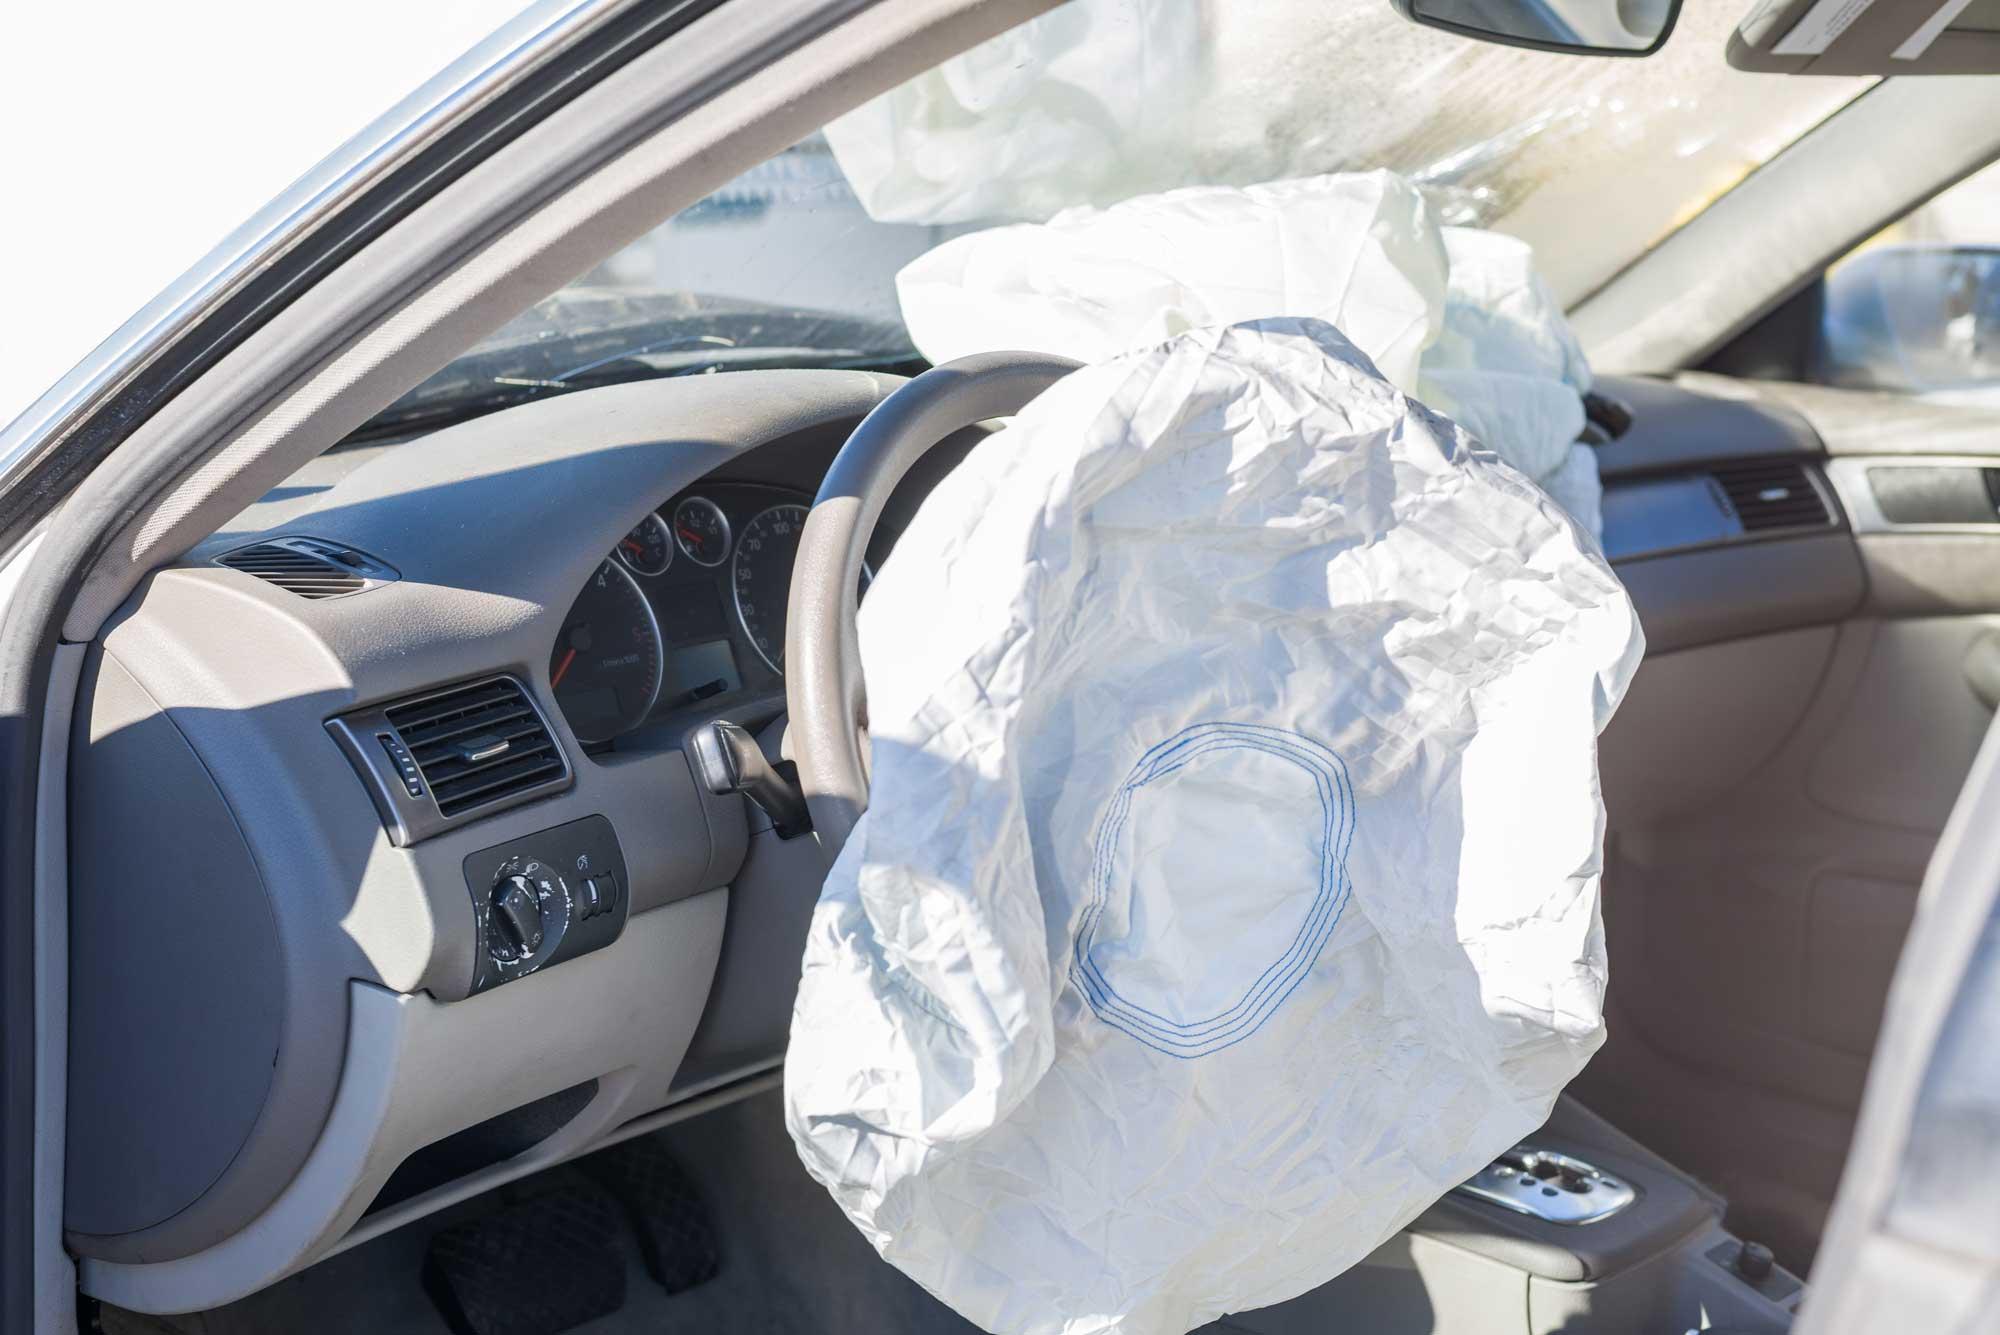 El inflado del airbag ante una colisión es defectuoso, por eso debe cambiarse.